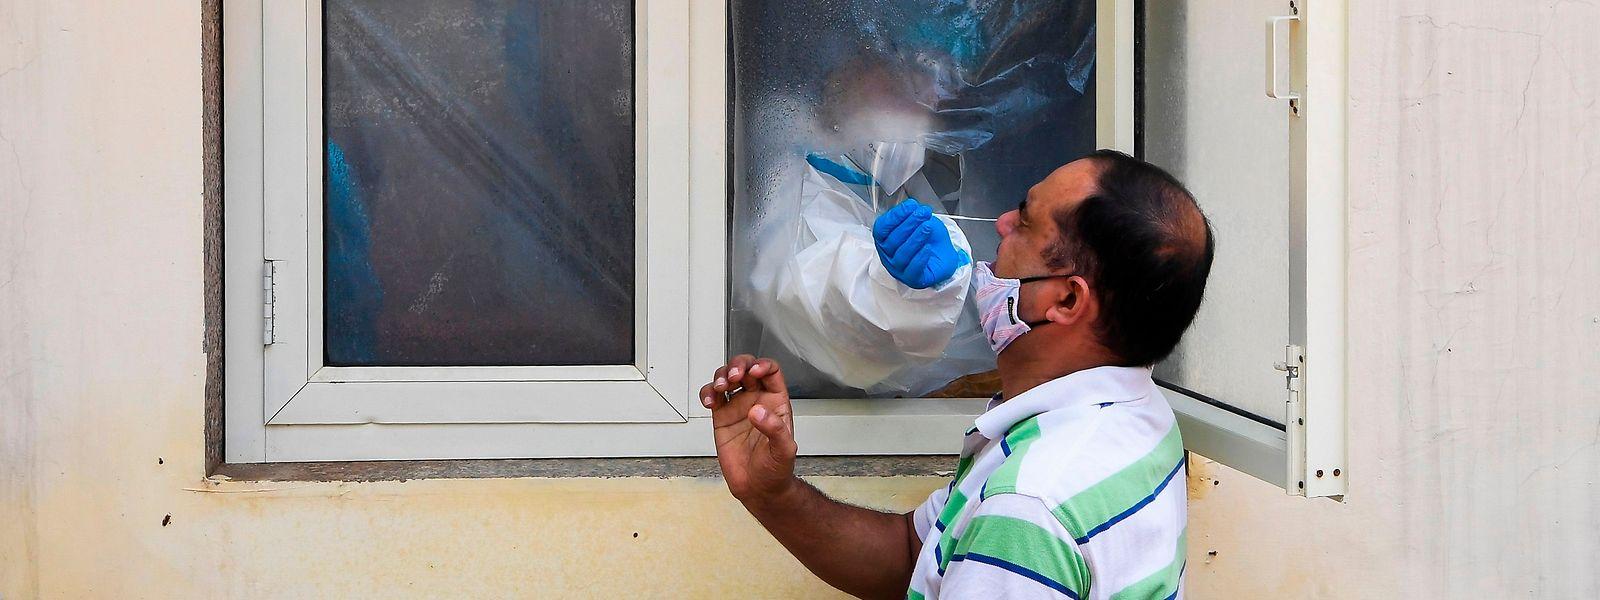 Indien hat mittlerweile Brasilien überholt und verzeichnet nach den USA die meisten Corona-Infektionen weltweit.